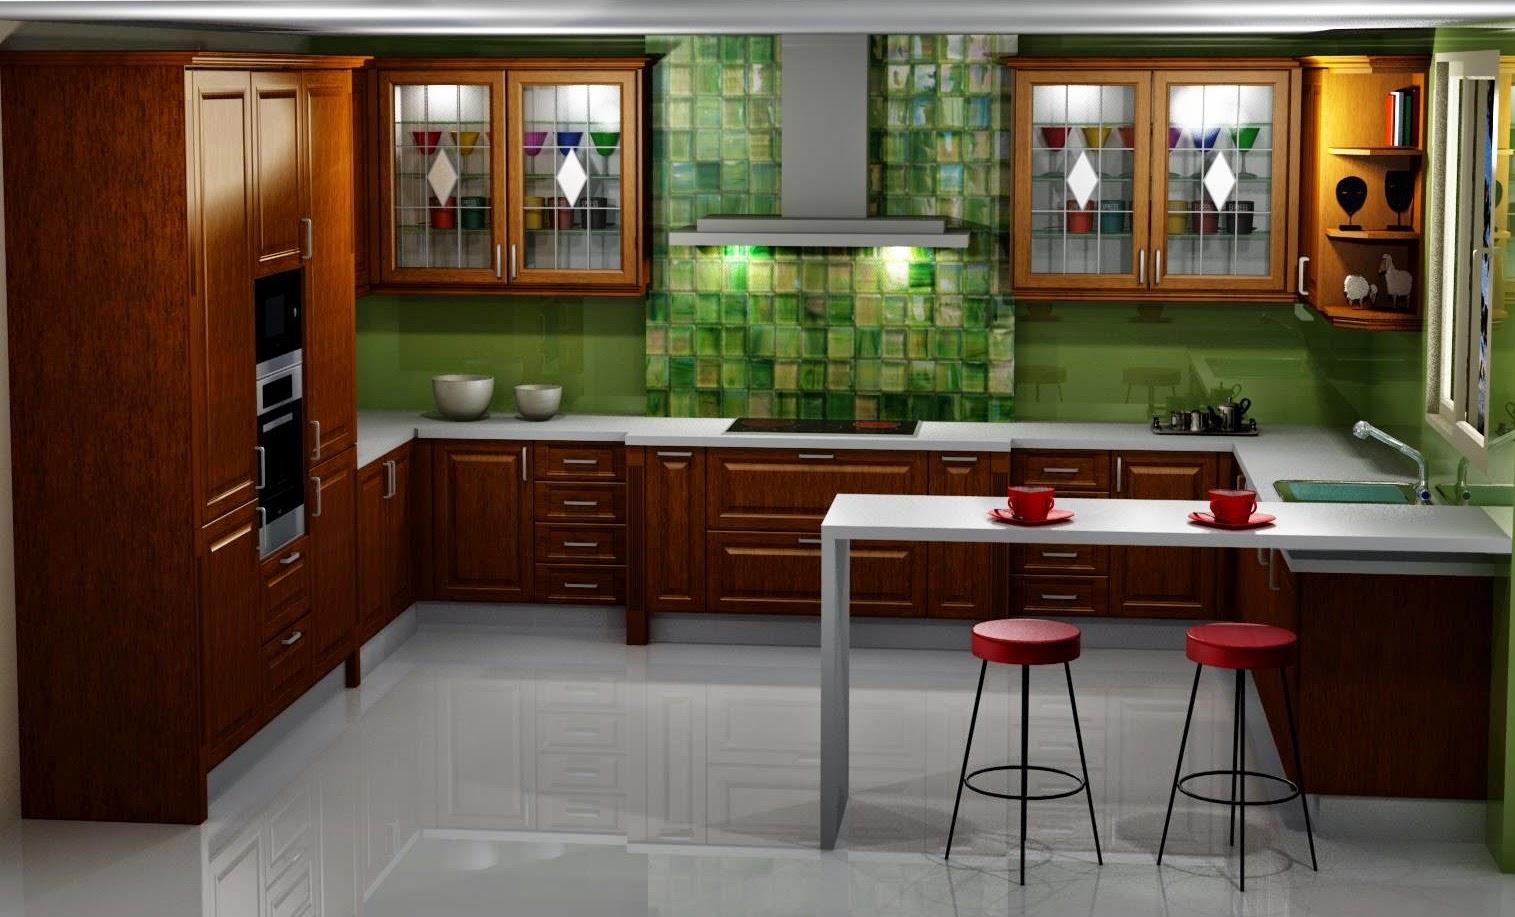 Dise o muebles de cocina dise o de cocina comedor en madera for Disenos de muebles de cocina colgantes